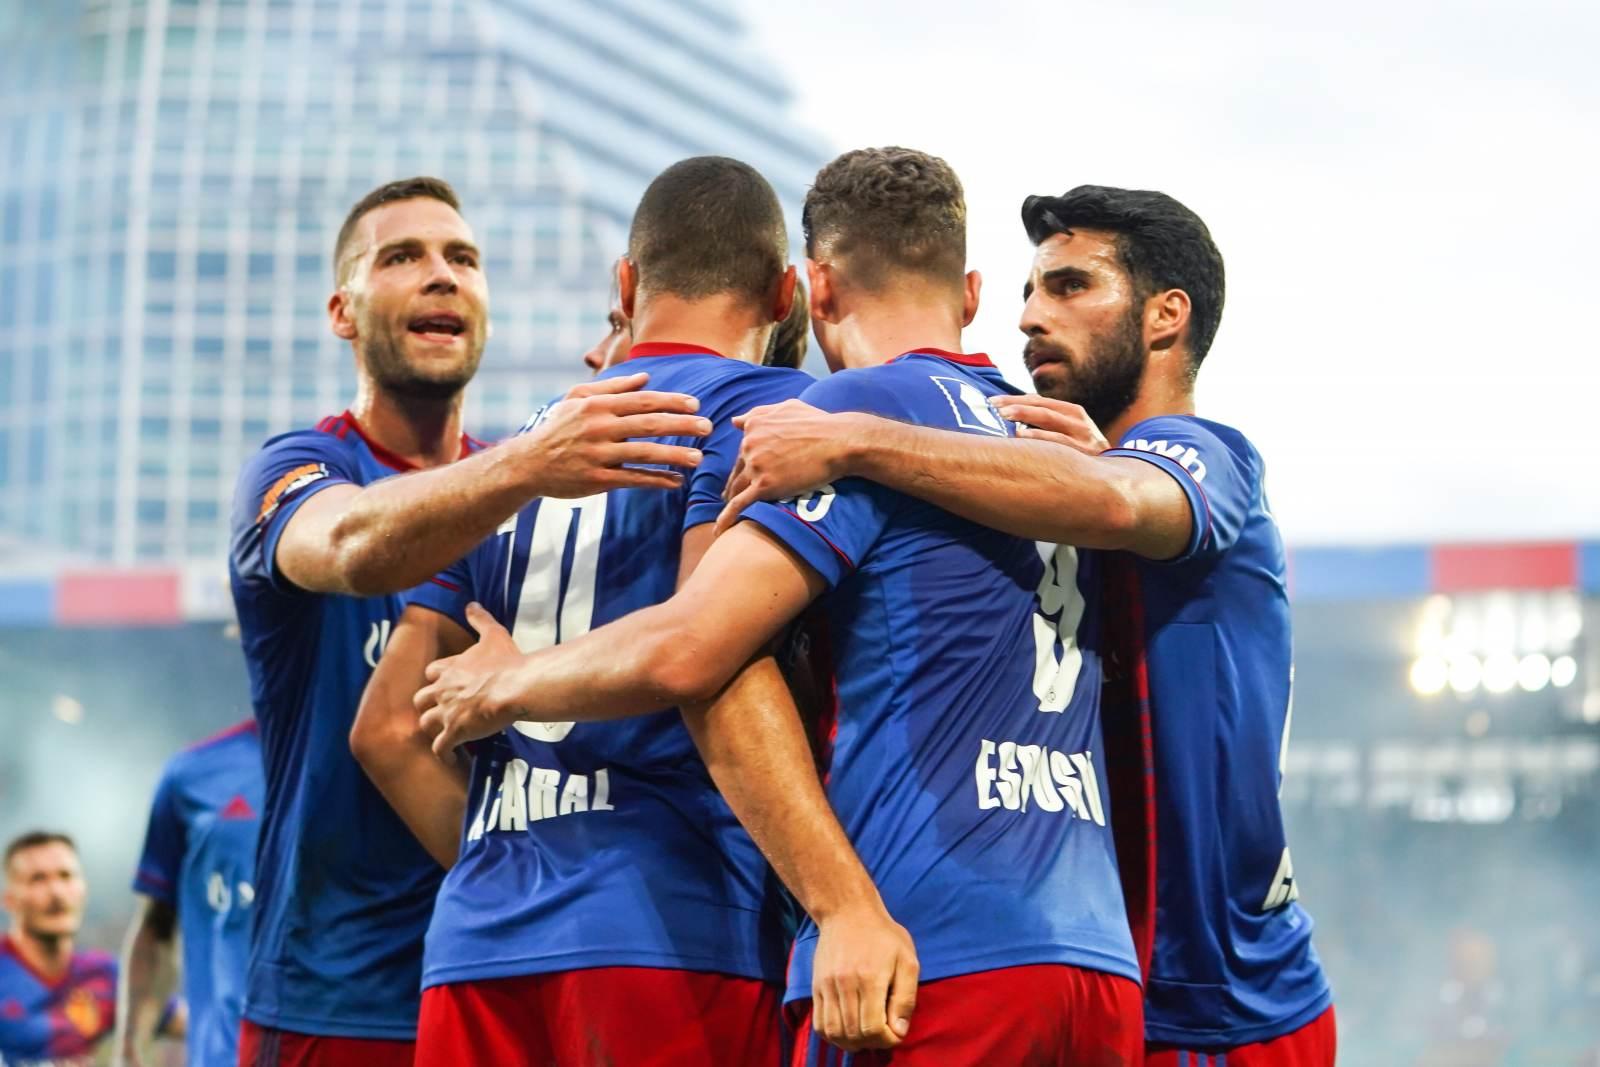 «Базель» - «Кайрат»: прогноз на матч группового этапа Лиги конференций - 30 сентября 2021